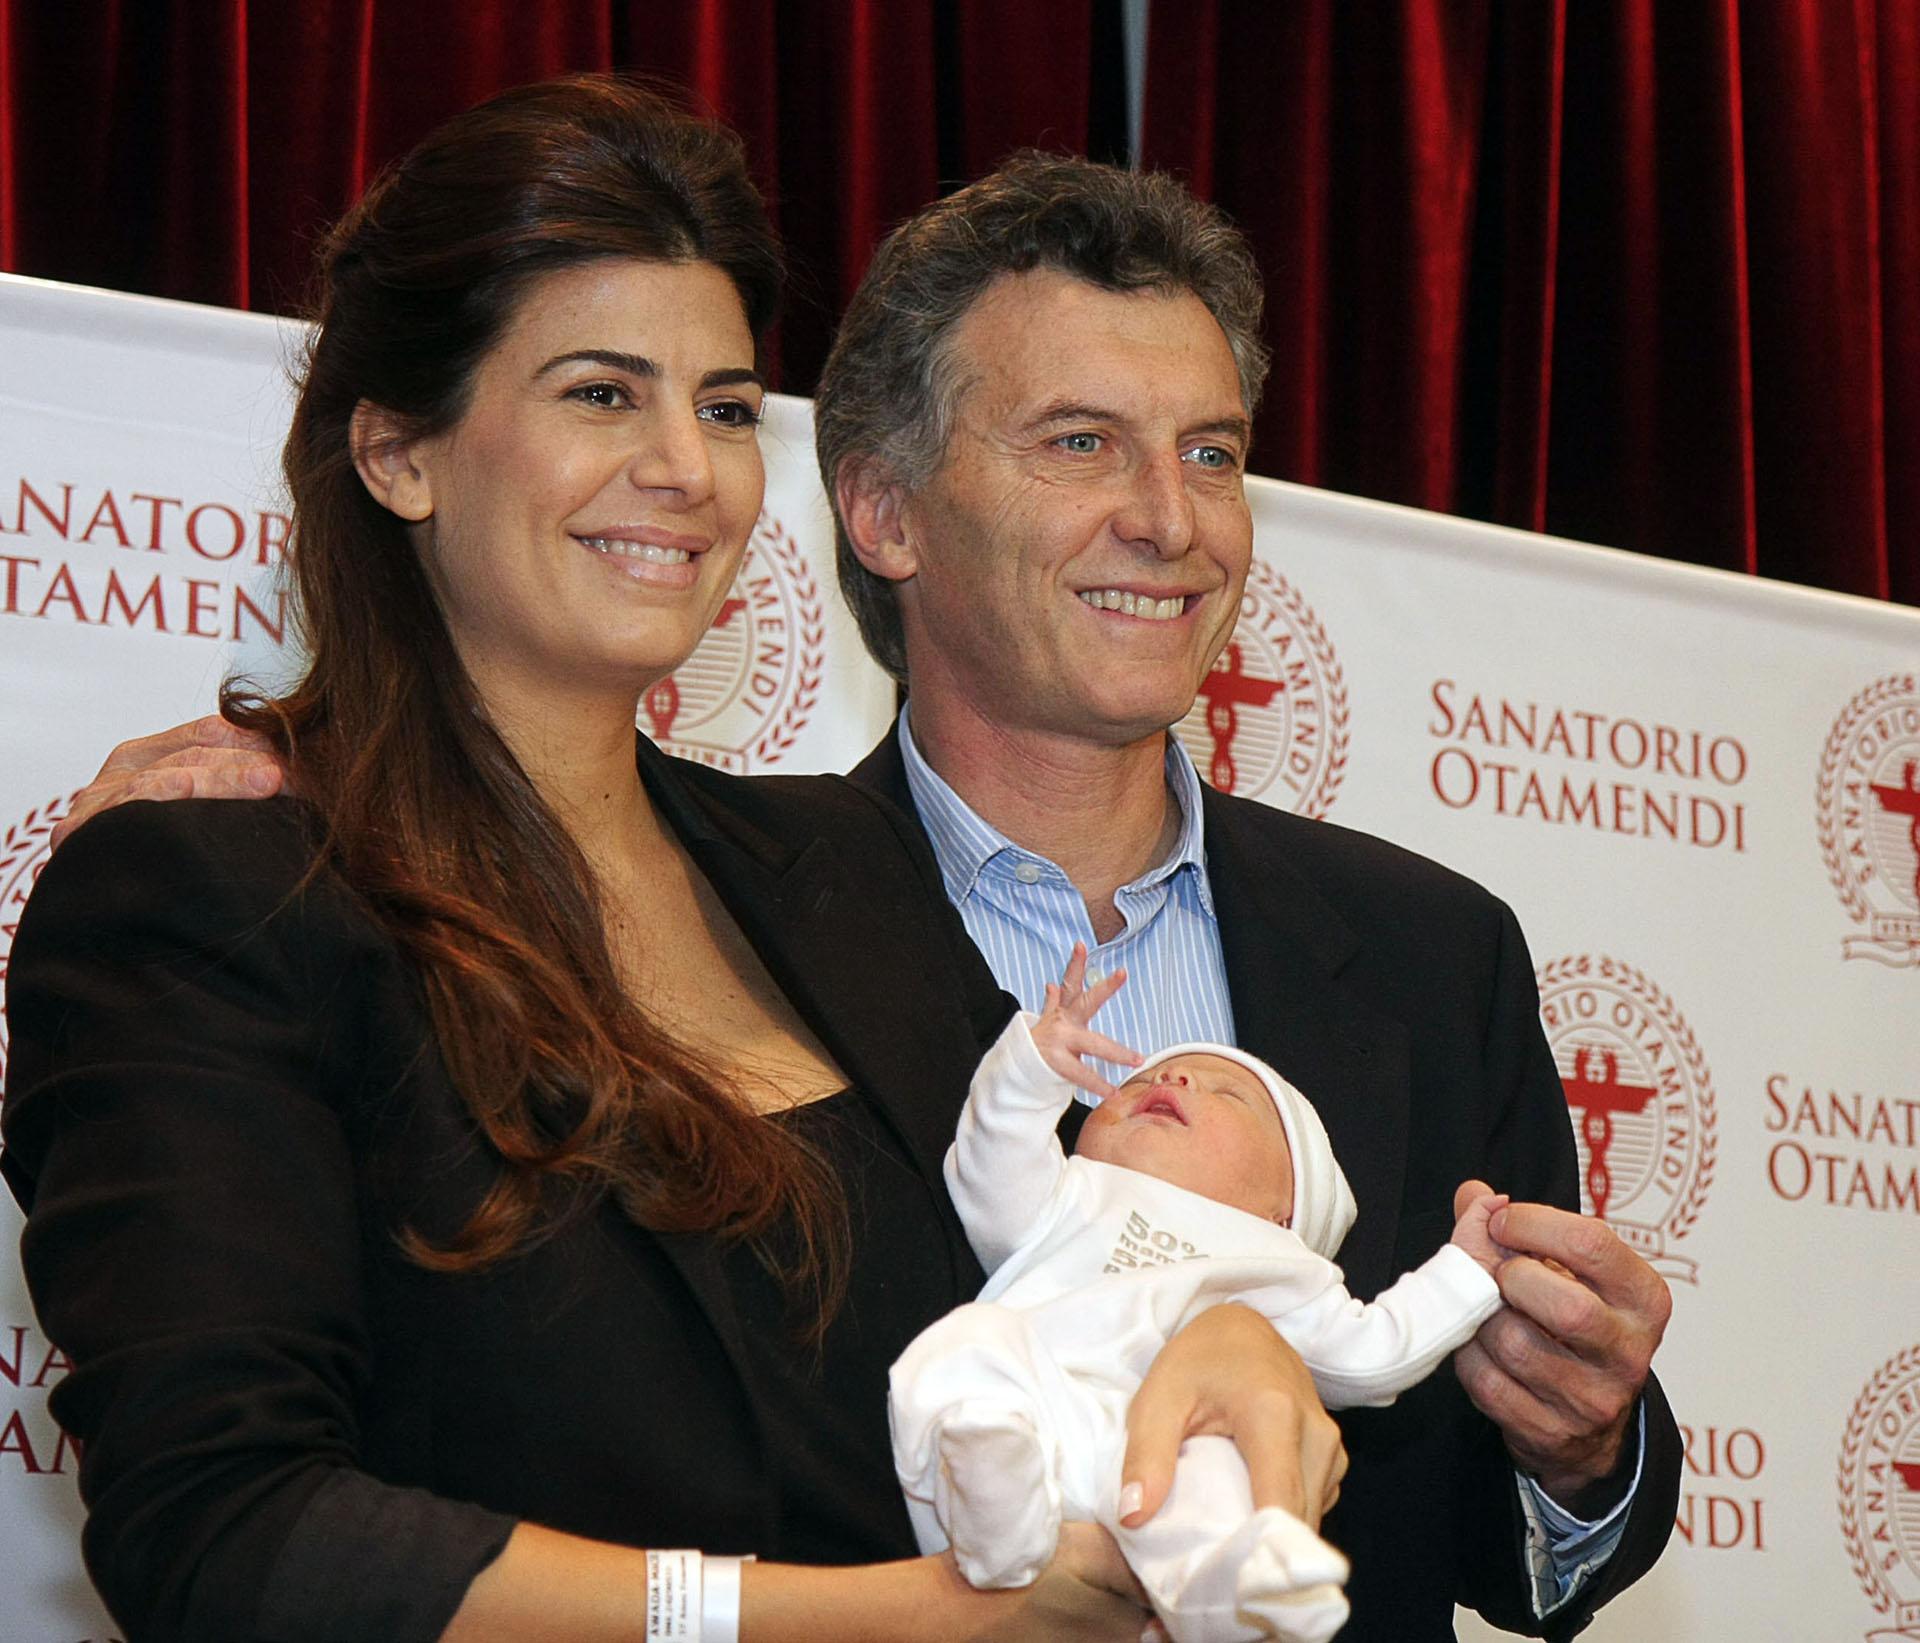 2011. Presentación de su hija Antonia junto a Awada